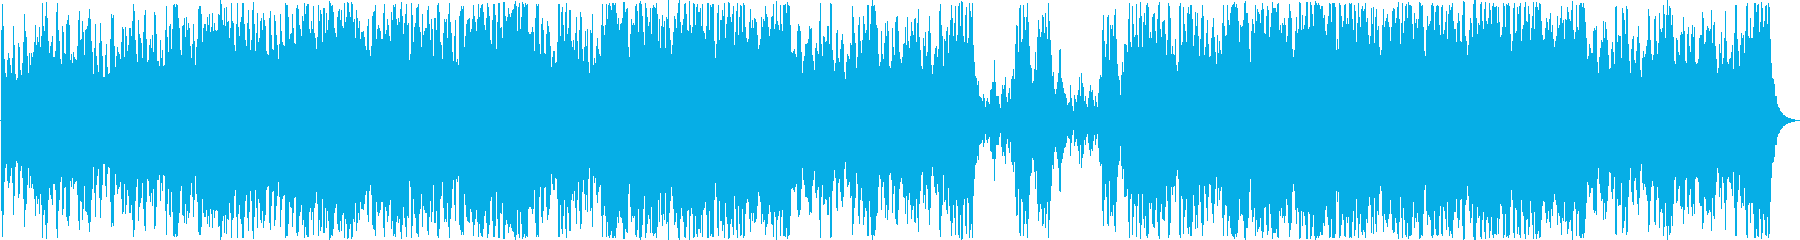 ティーン 現代的 交響曲 クラシッ...の再生済みの波形